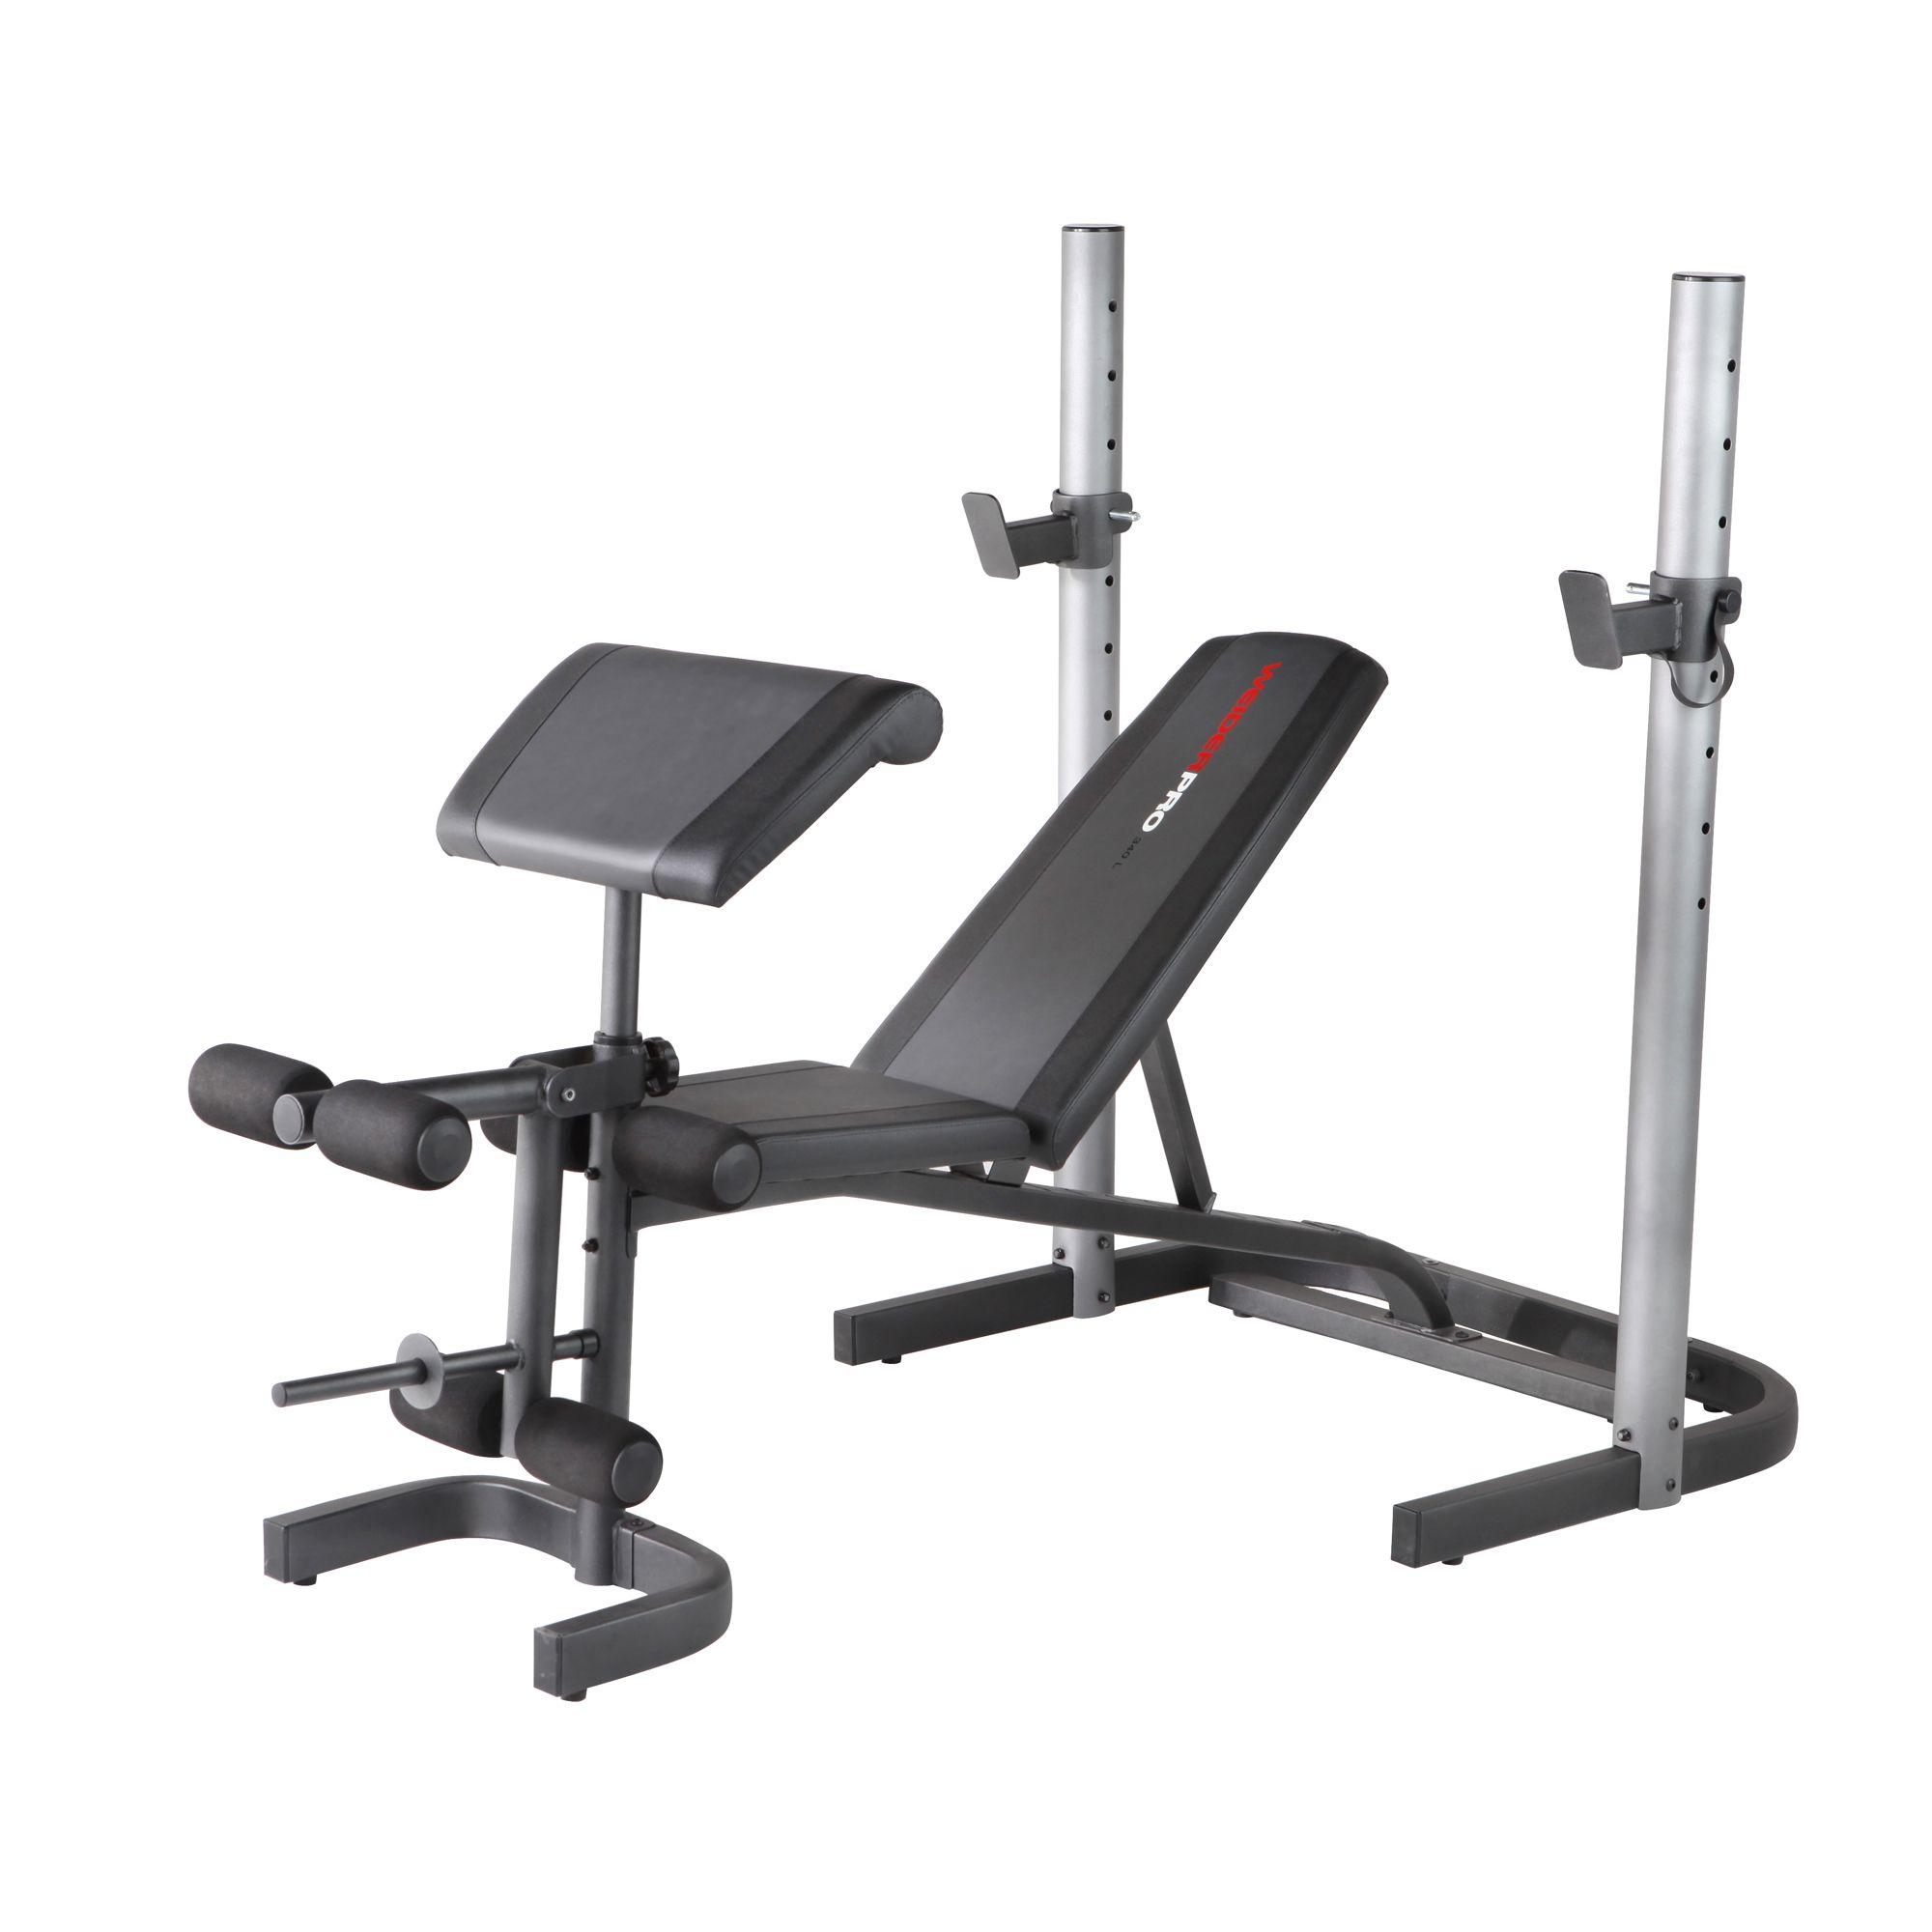 Weider Pro 340 L Weight Bench